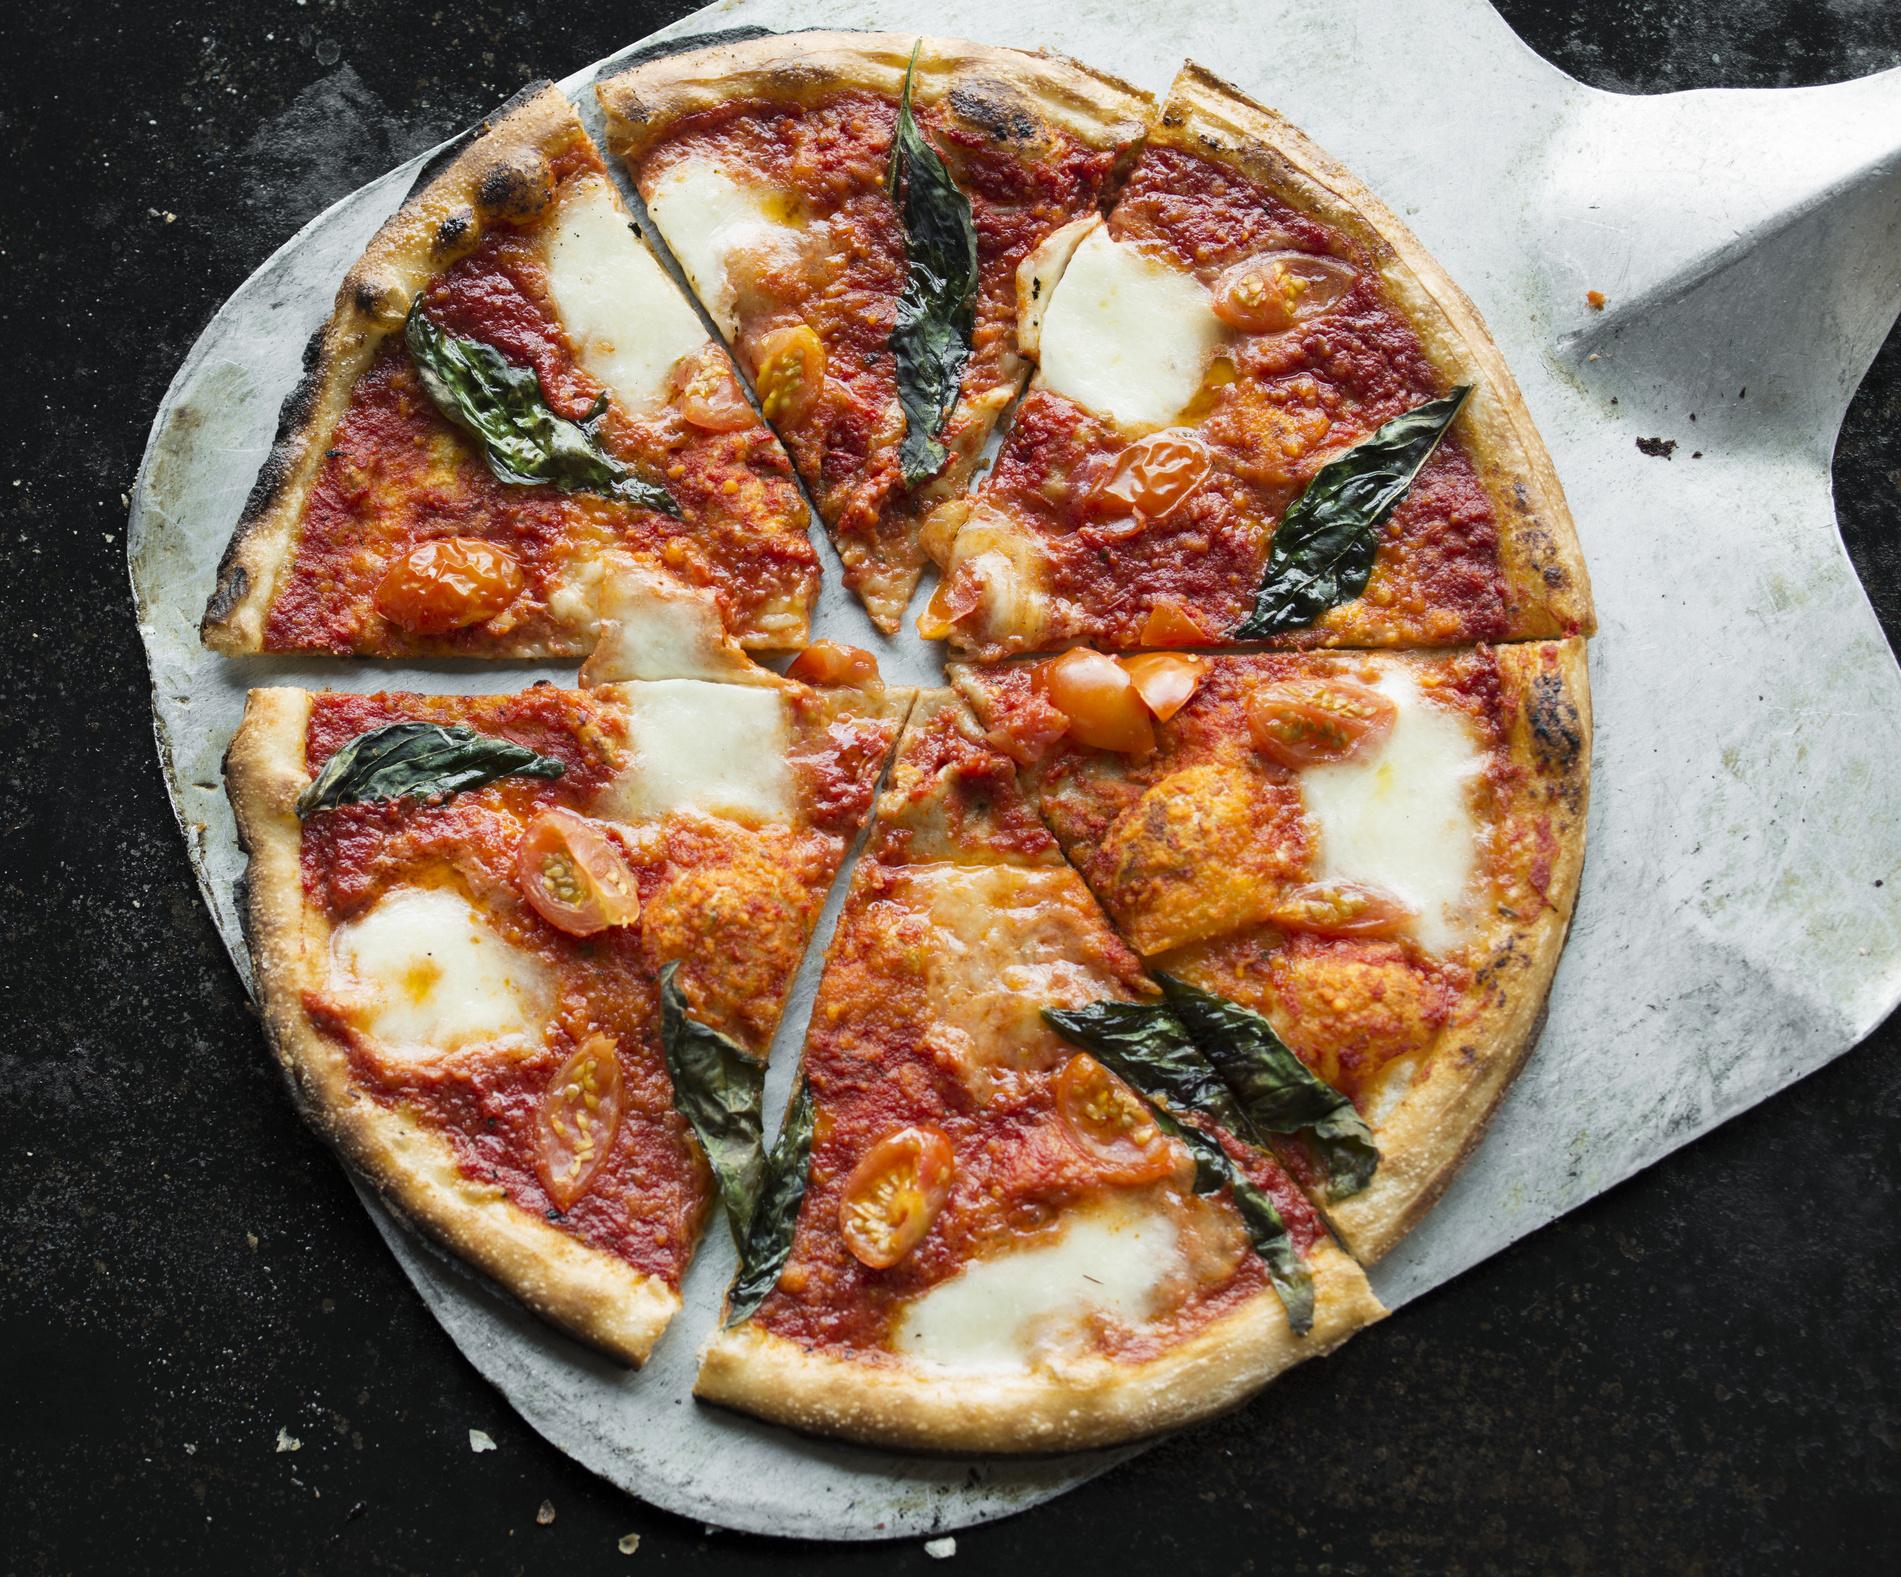 Вкусное тесто для пиццы-дрожжевое и без дрожжей рецепт быстрой пиццы как в пиццерии